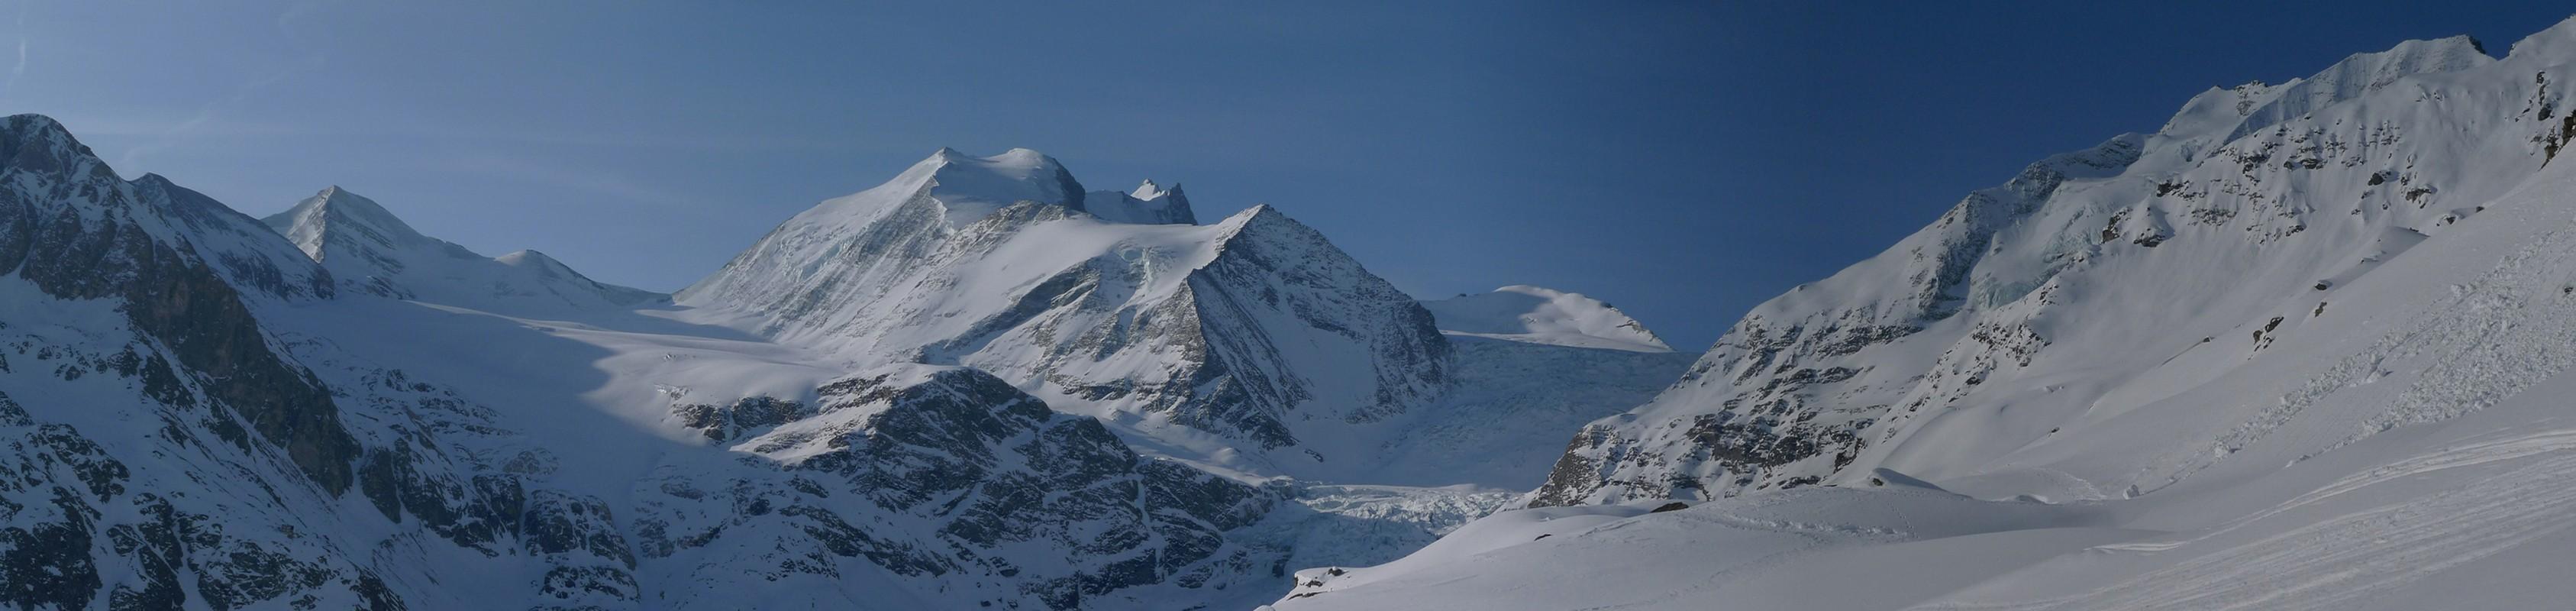 Turtmannhütte / Cabane Tourtemagne  Walliser Alpen / Alpes valaisannes Schweiz panorama 11